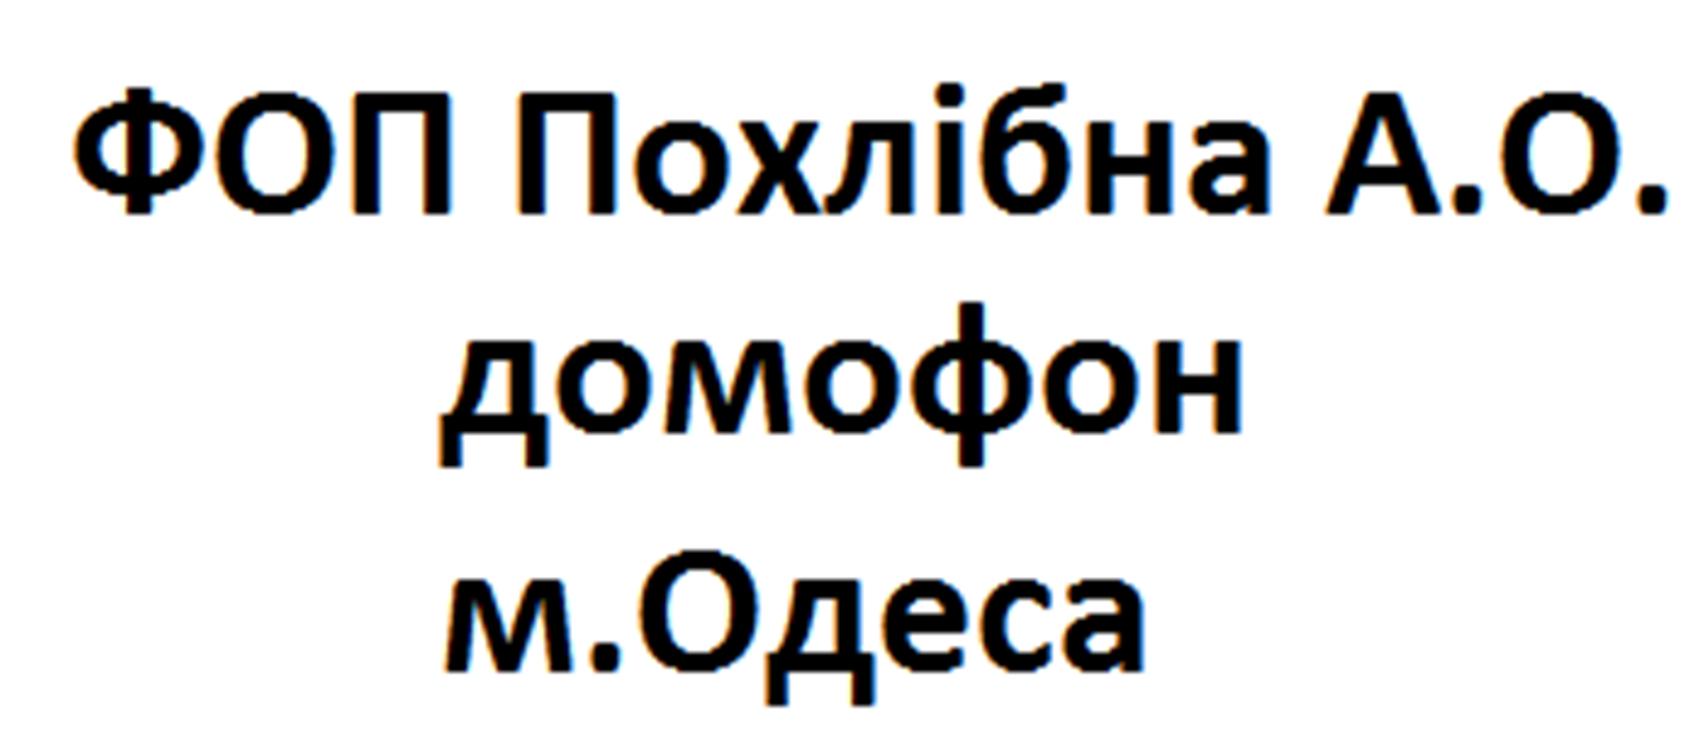 ФОП Похлібна Анжела Олександрівна (домофон Одеса)